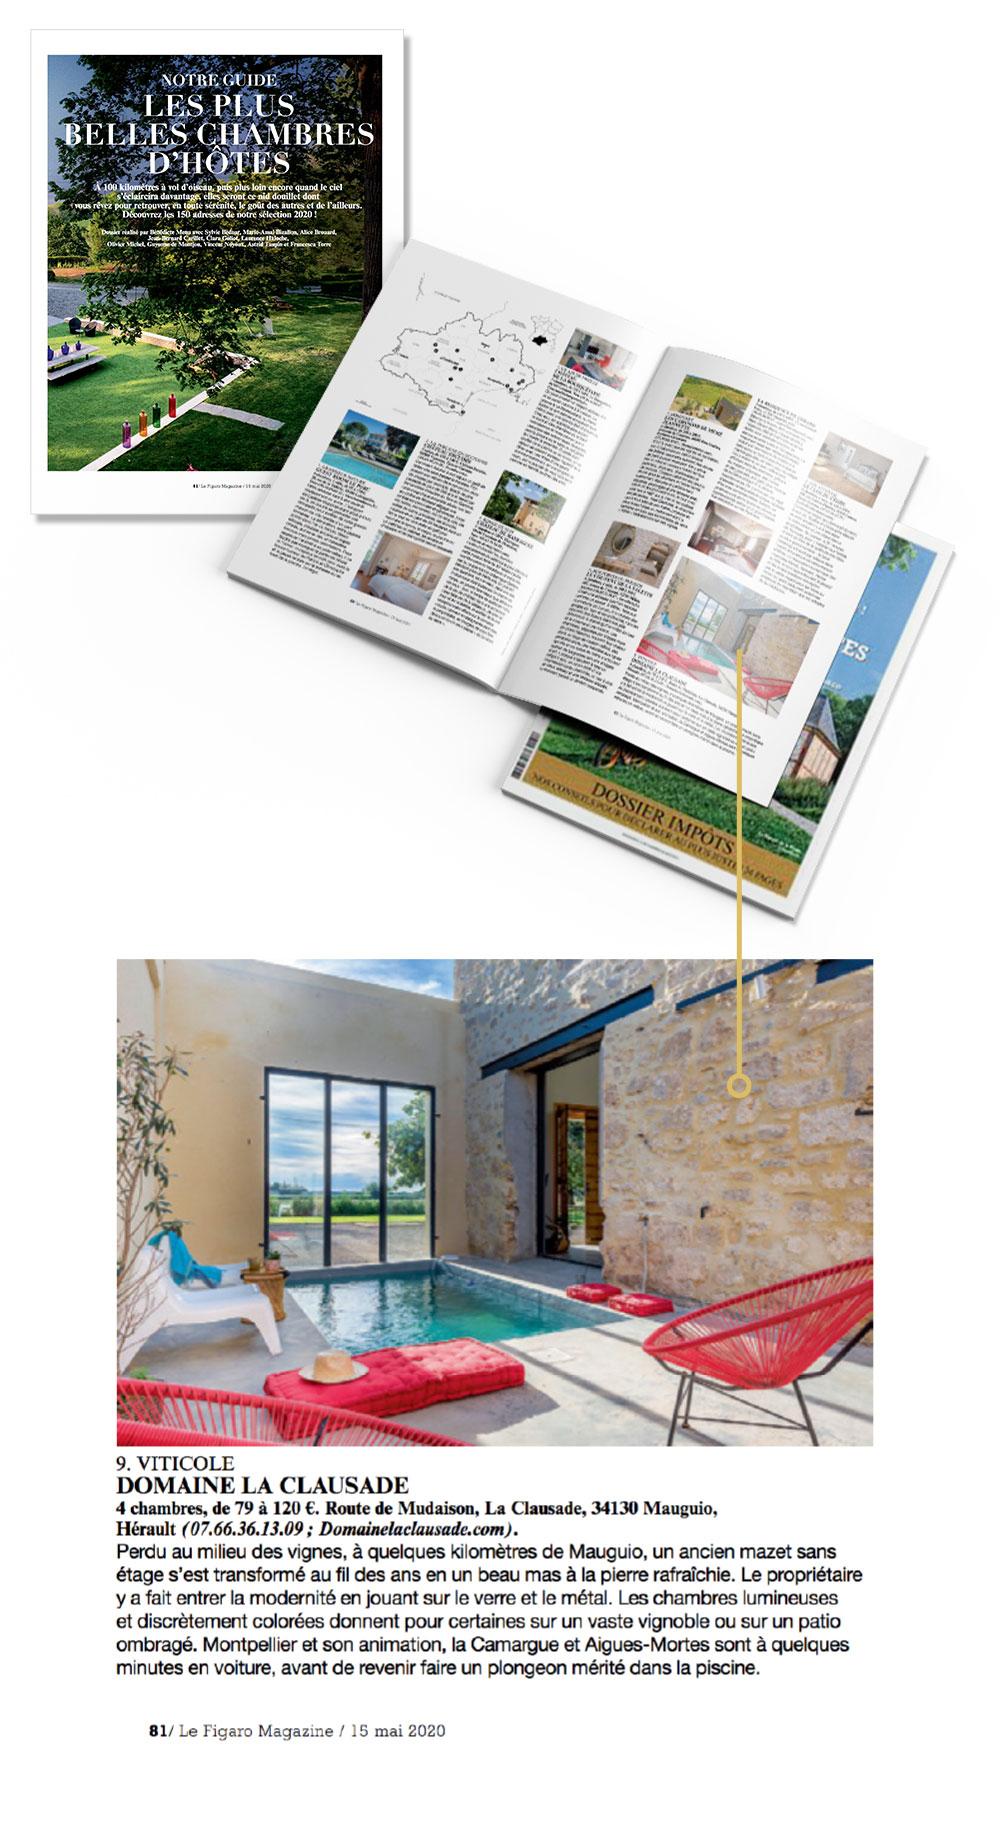 Le Figaro Magazine parle de la Clausade